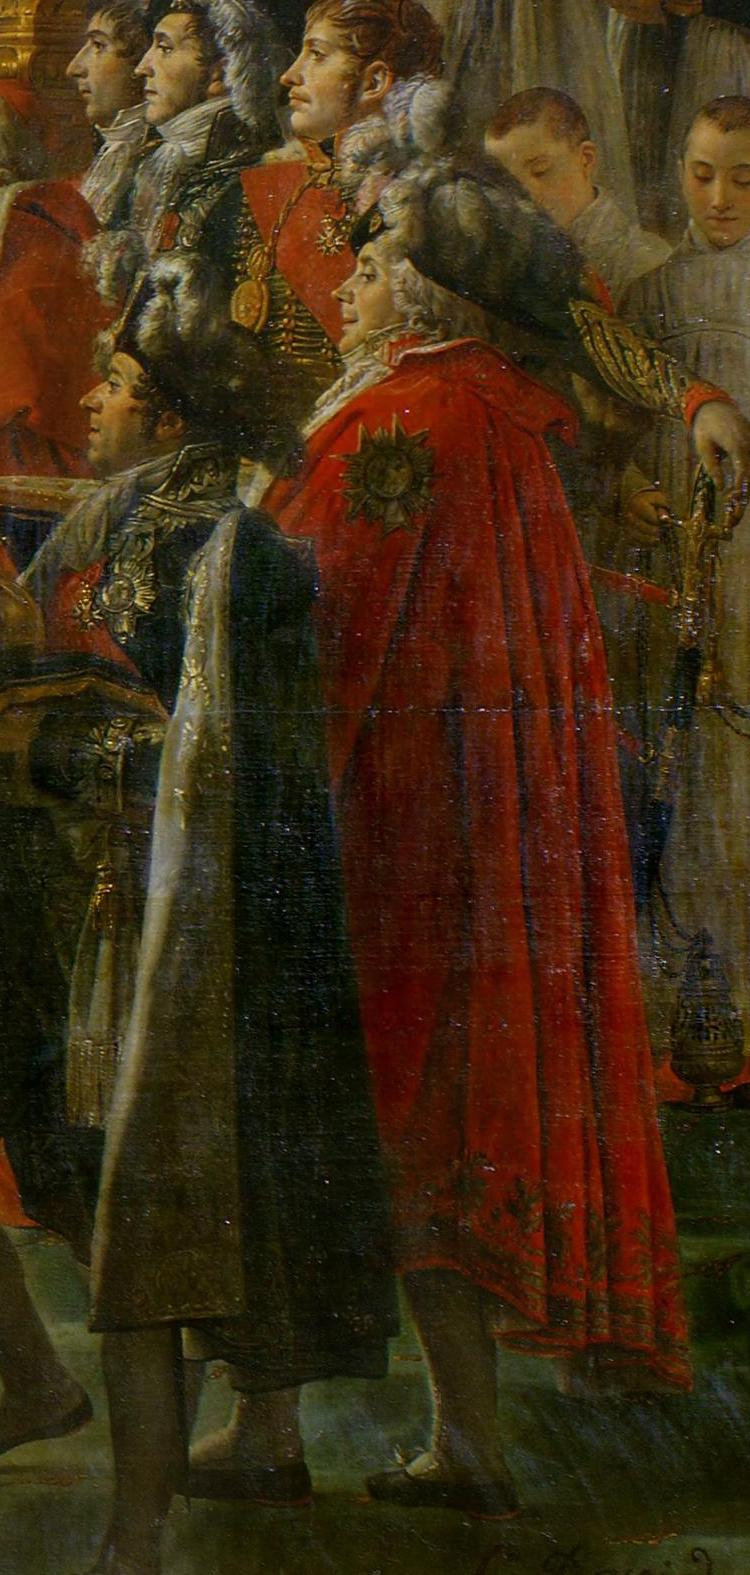 Morceau de peinture représentant plusieurs personnages chamarrés, debout en grand habit, de profil et regardant vers la gauche. Parmi eux, au centre, un large personnage en cape rouge avec une grande médaille en forme d'étoile sur l'épaule, chapeau noir à plumes blanches, bas blancs et souliers noirs.